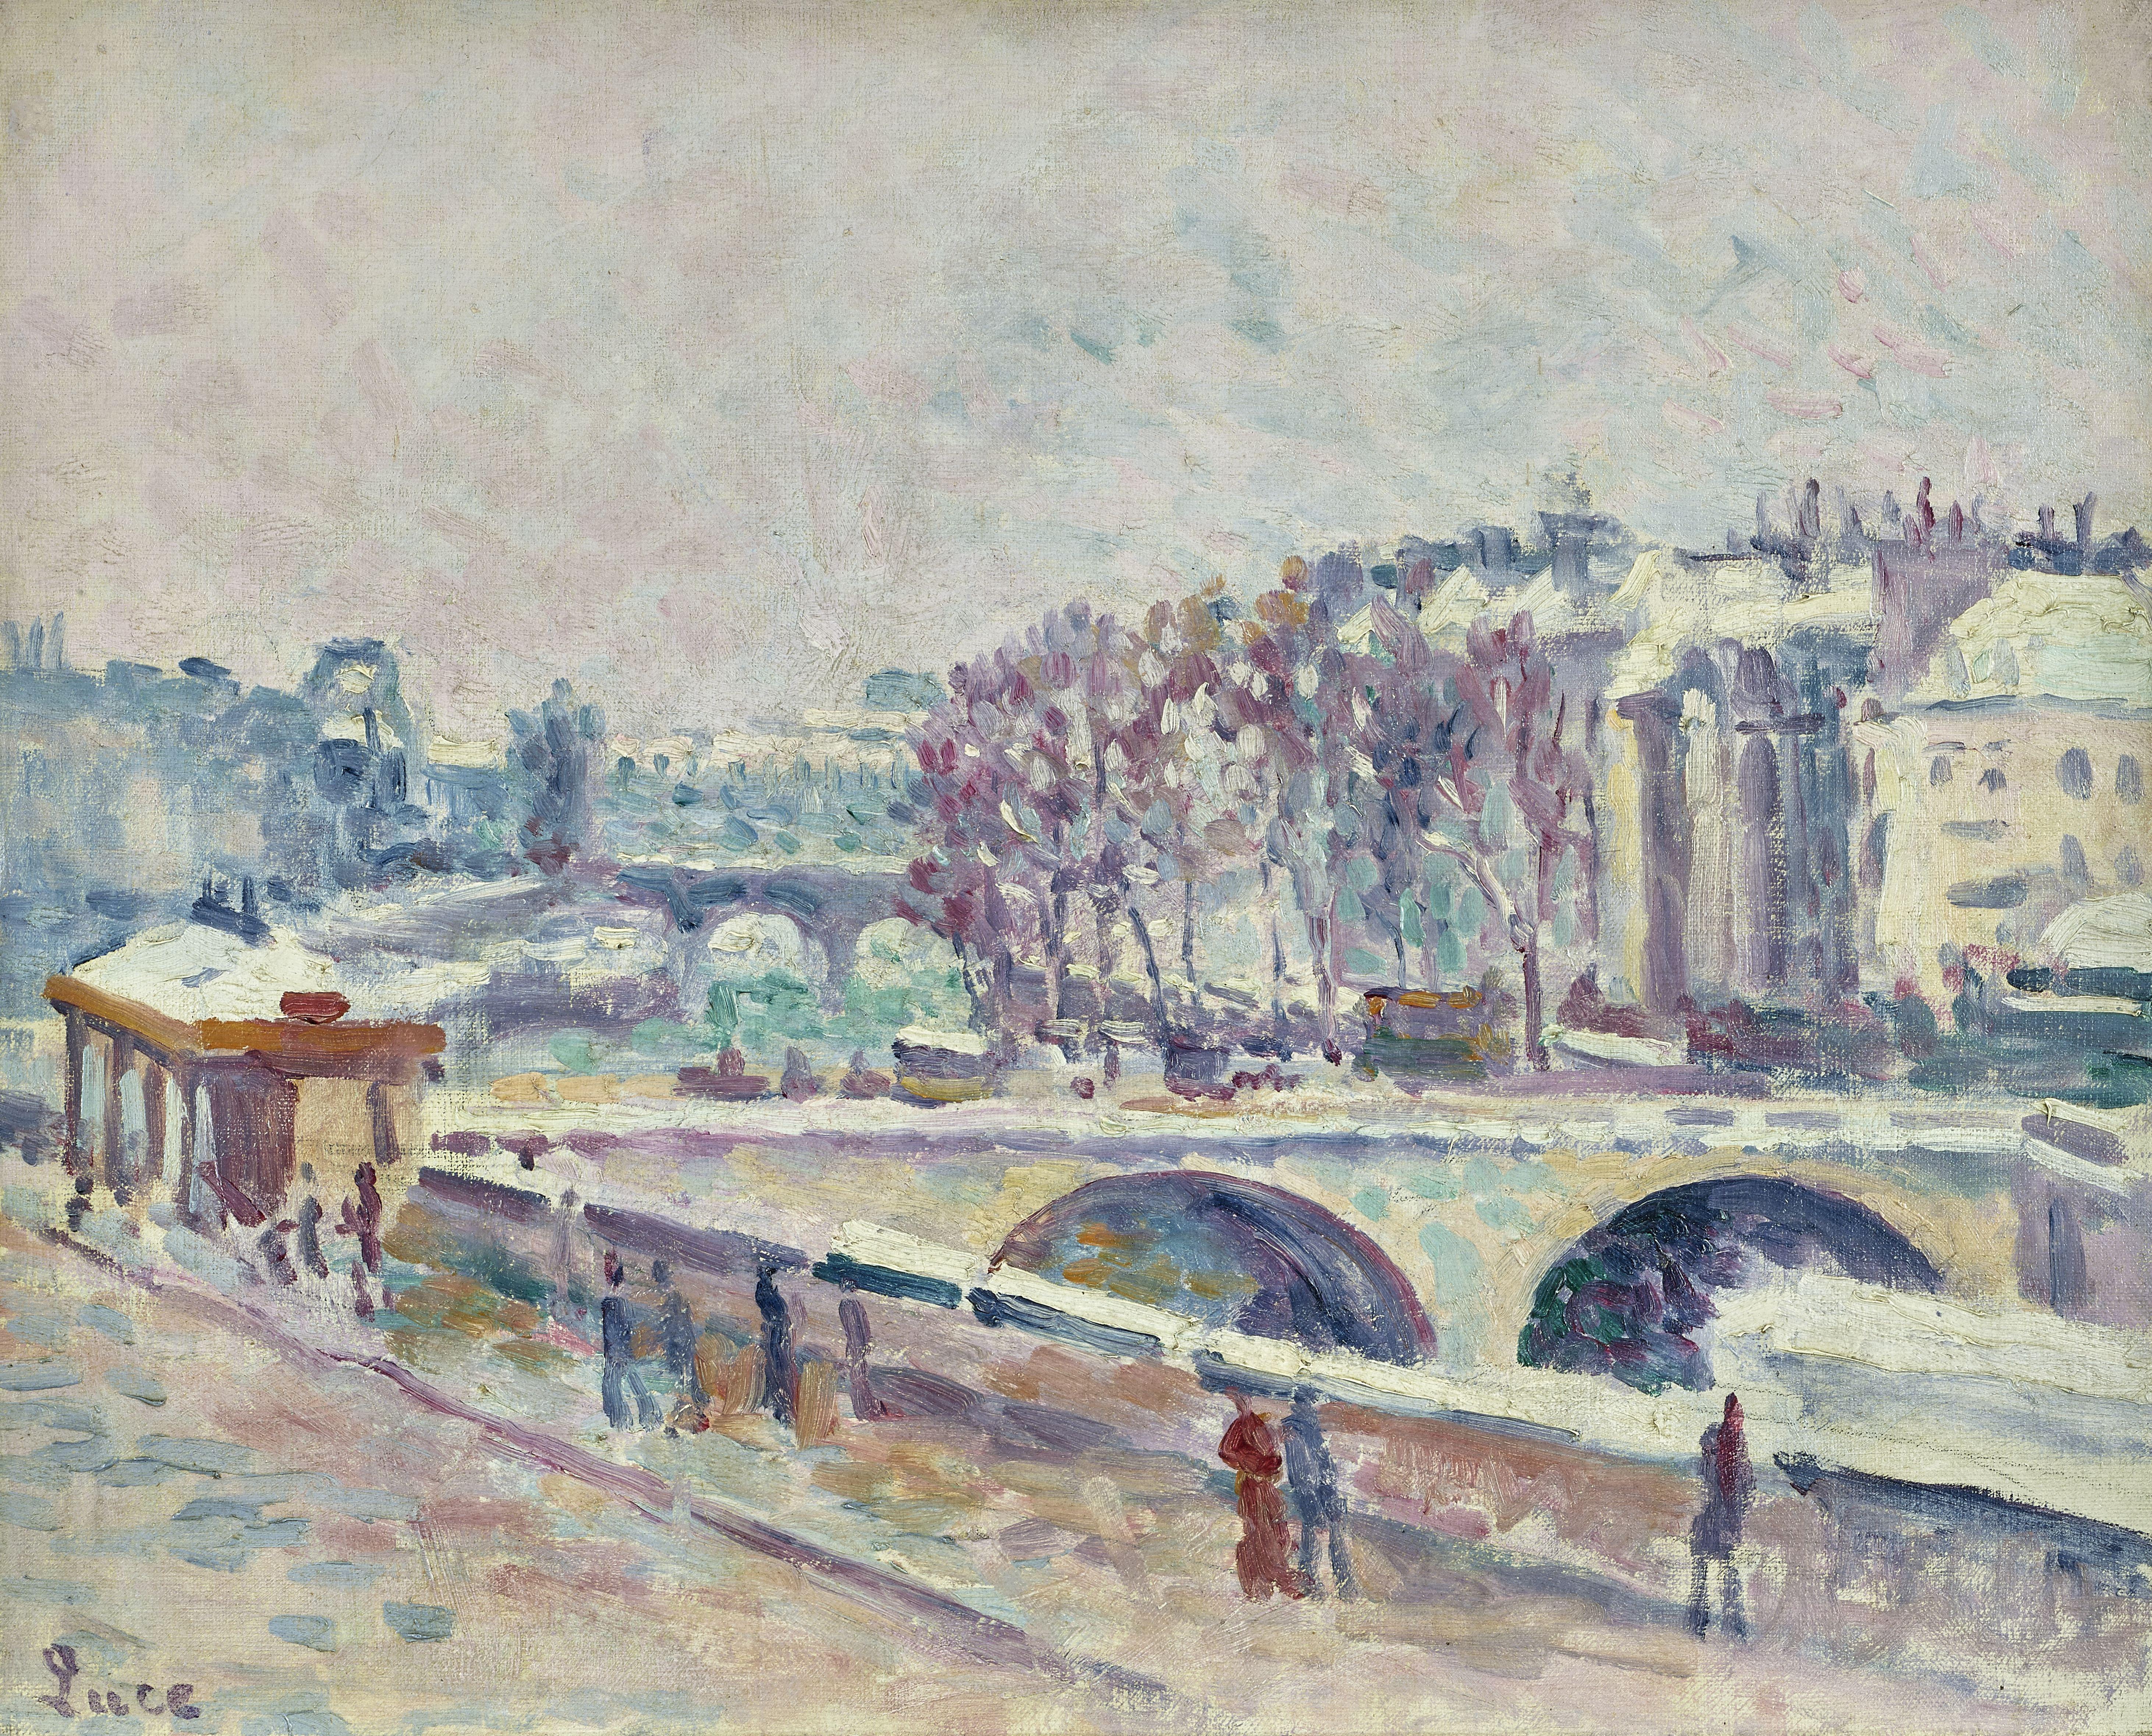 Lot 13 - MAXIMILIEN LUCE (1858-1941) Le Quai Saint-Michel 13 x 16 1/8 in (32.8 x 40.9 cm)